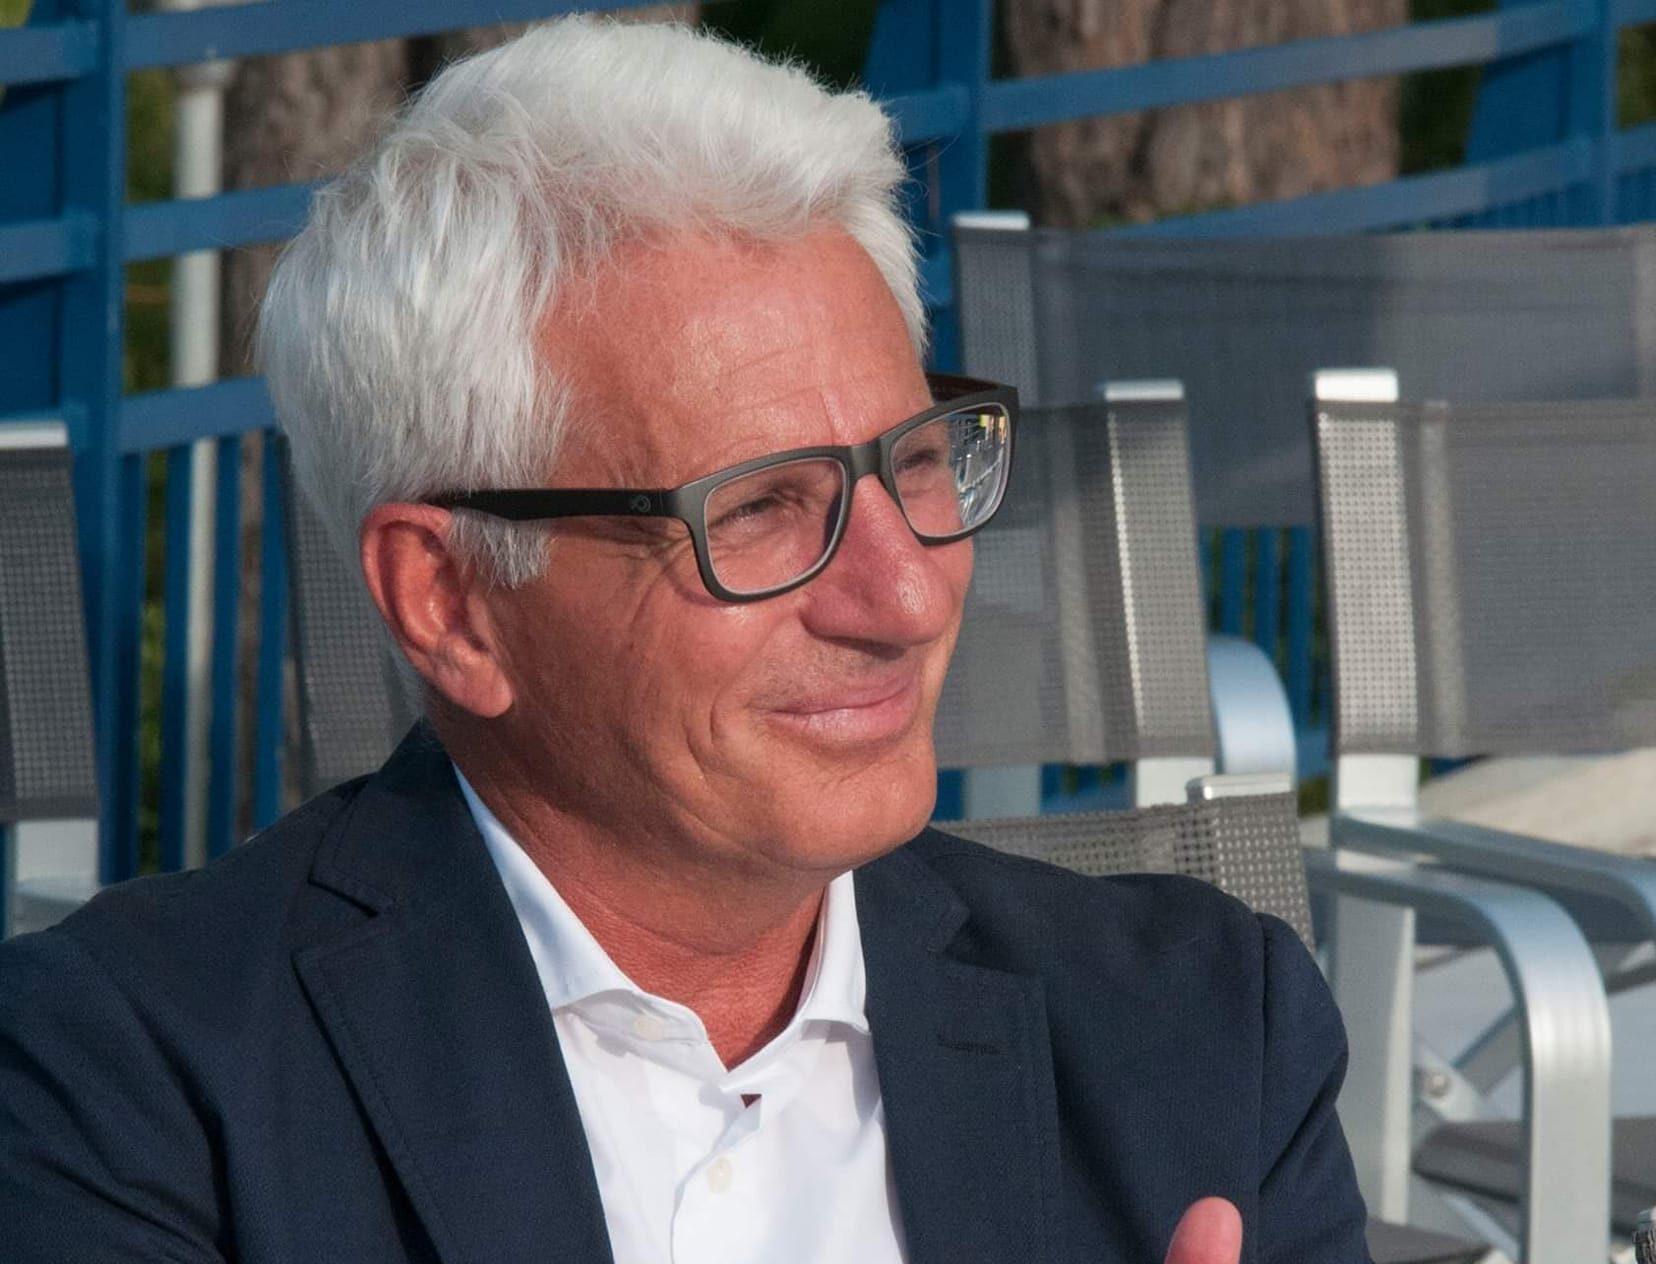 """Nazzareno Di Matteo fonda il Gruppo regionale Sportivi """"In pochi giorni oltre 200 adesioni, uniti per chiedere un restyling del sistema"""""""